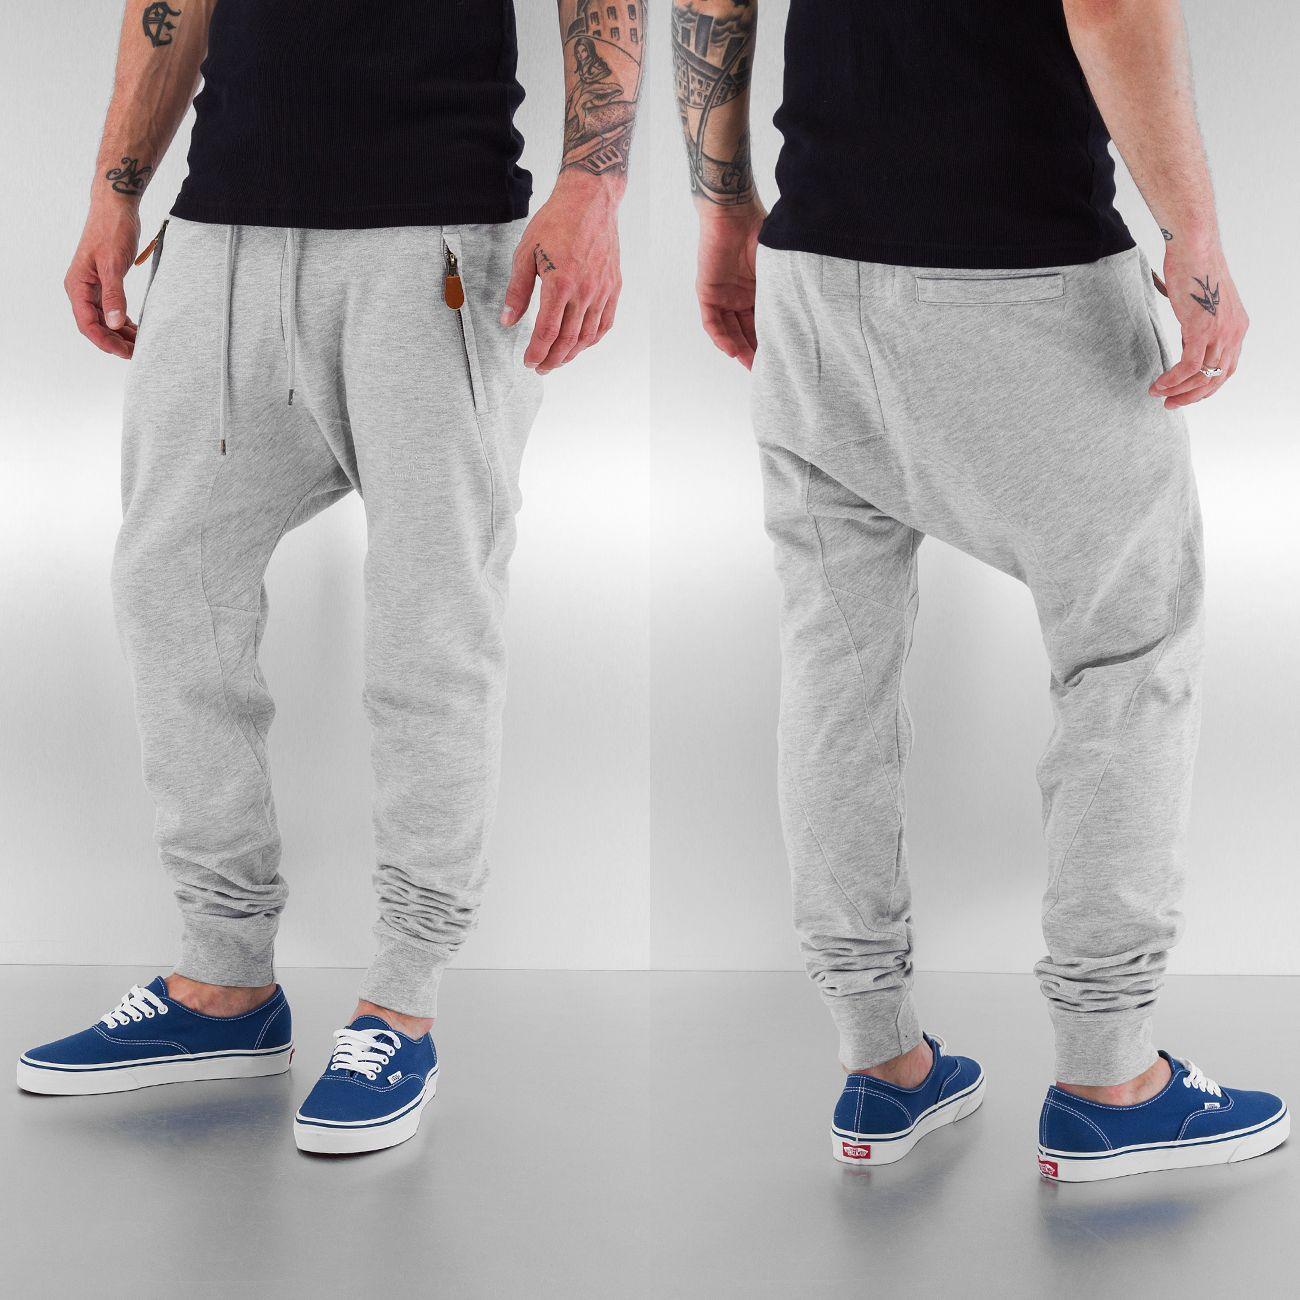 c4a49977a21 Jogging Pull Nike D hiver amp  Vetement Homme Doudoune Slim Chapka rwr4qnx